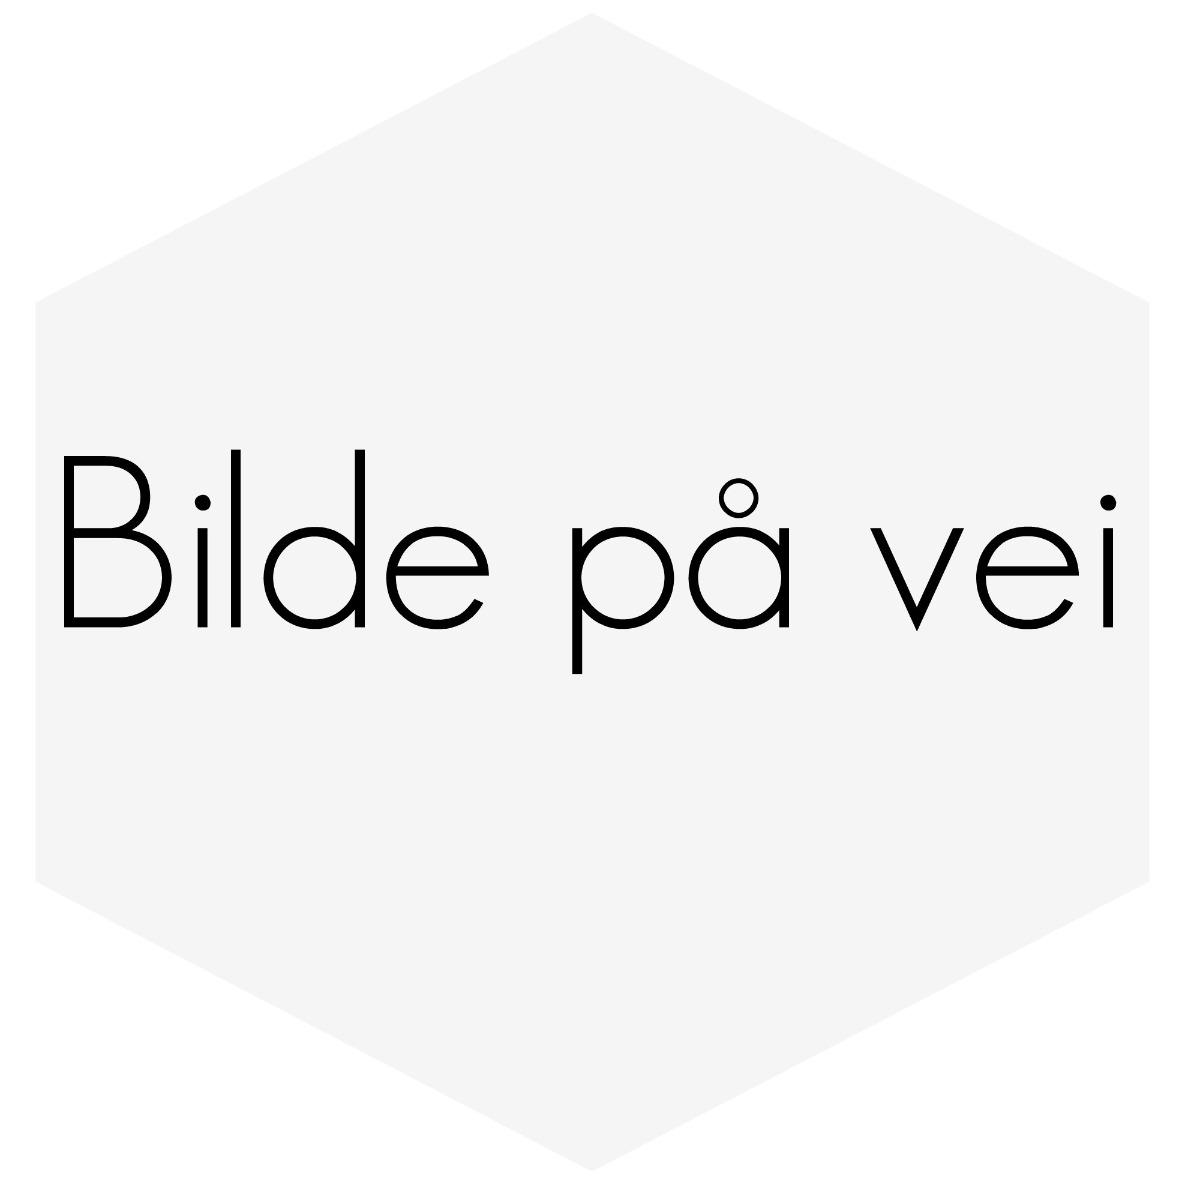 HÅNDBREKK MANSJETT. TIL HENDEL INNE I BIL. SPARCO